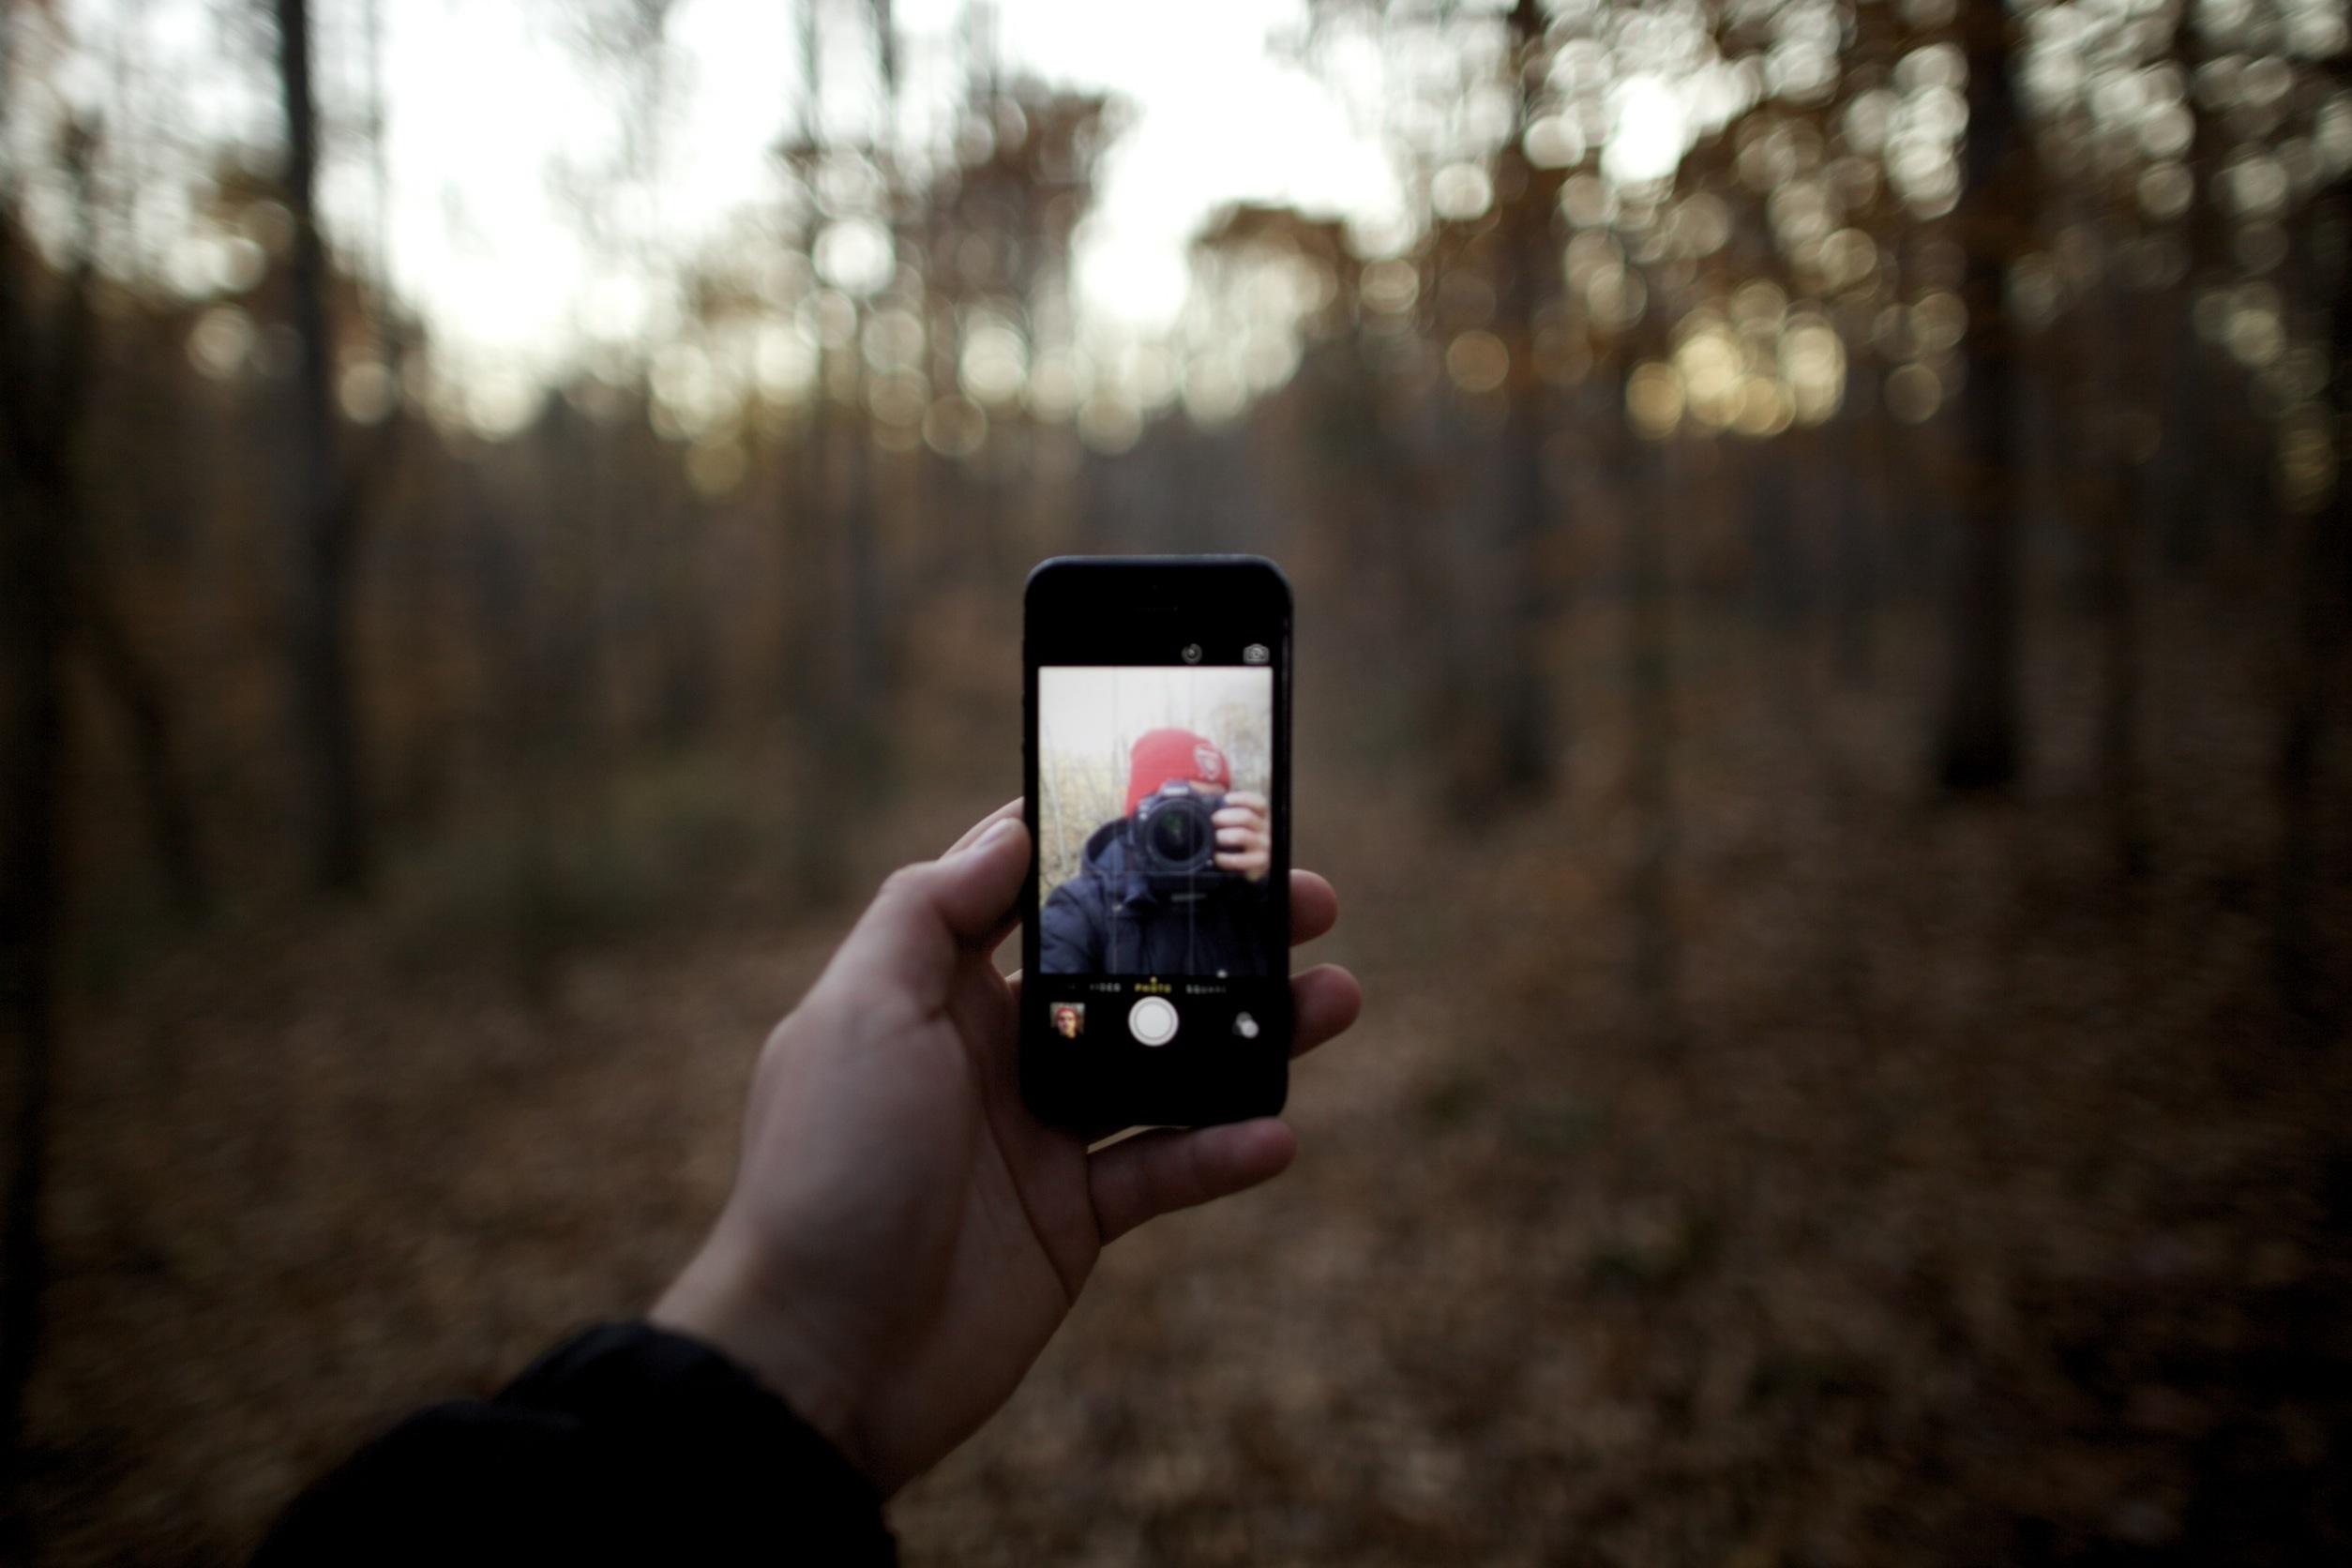 очень телефон фотографирует а фото черное для маленьких гостей